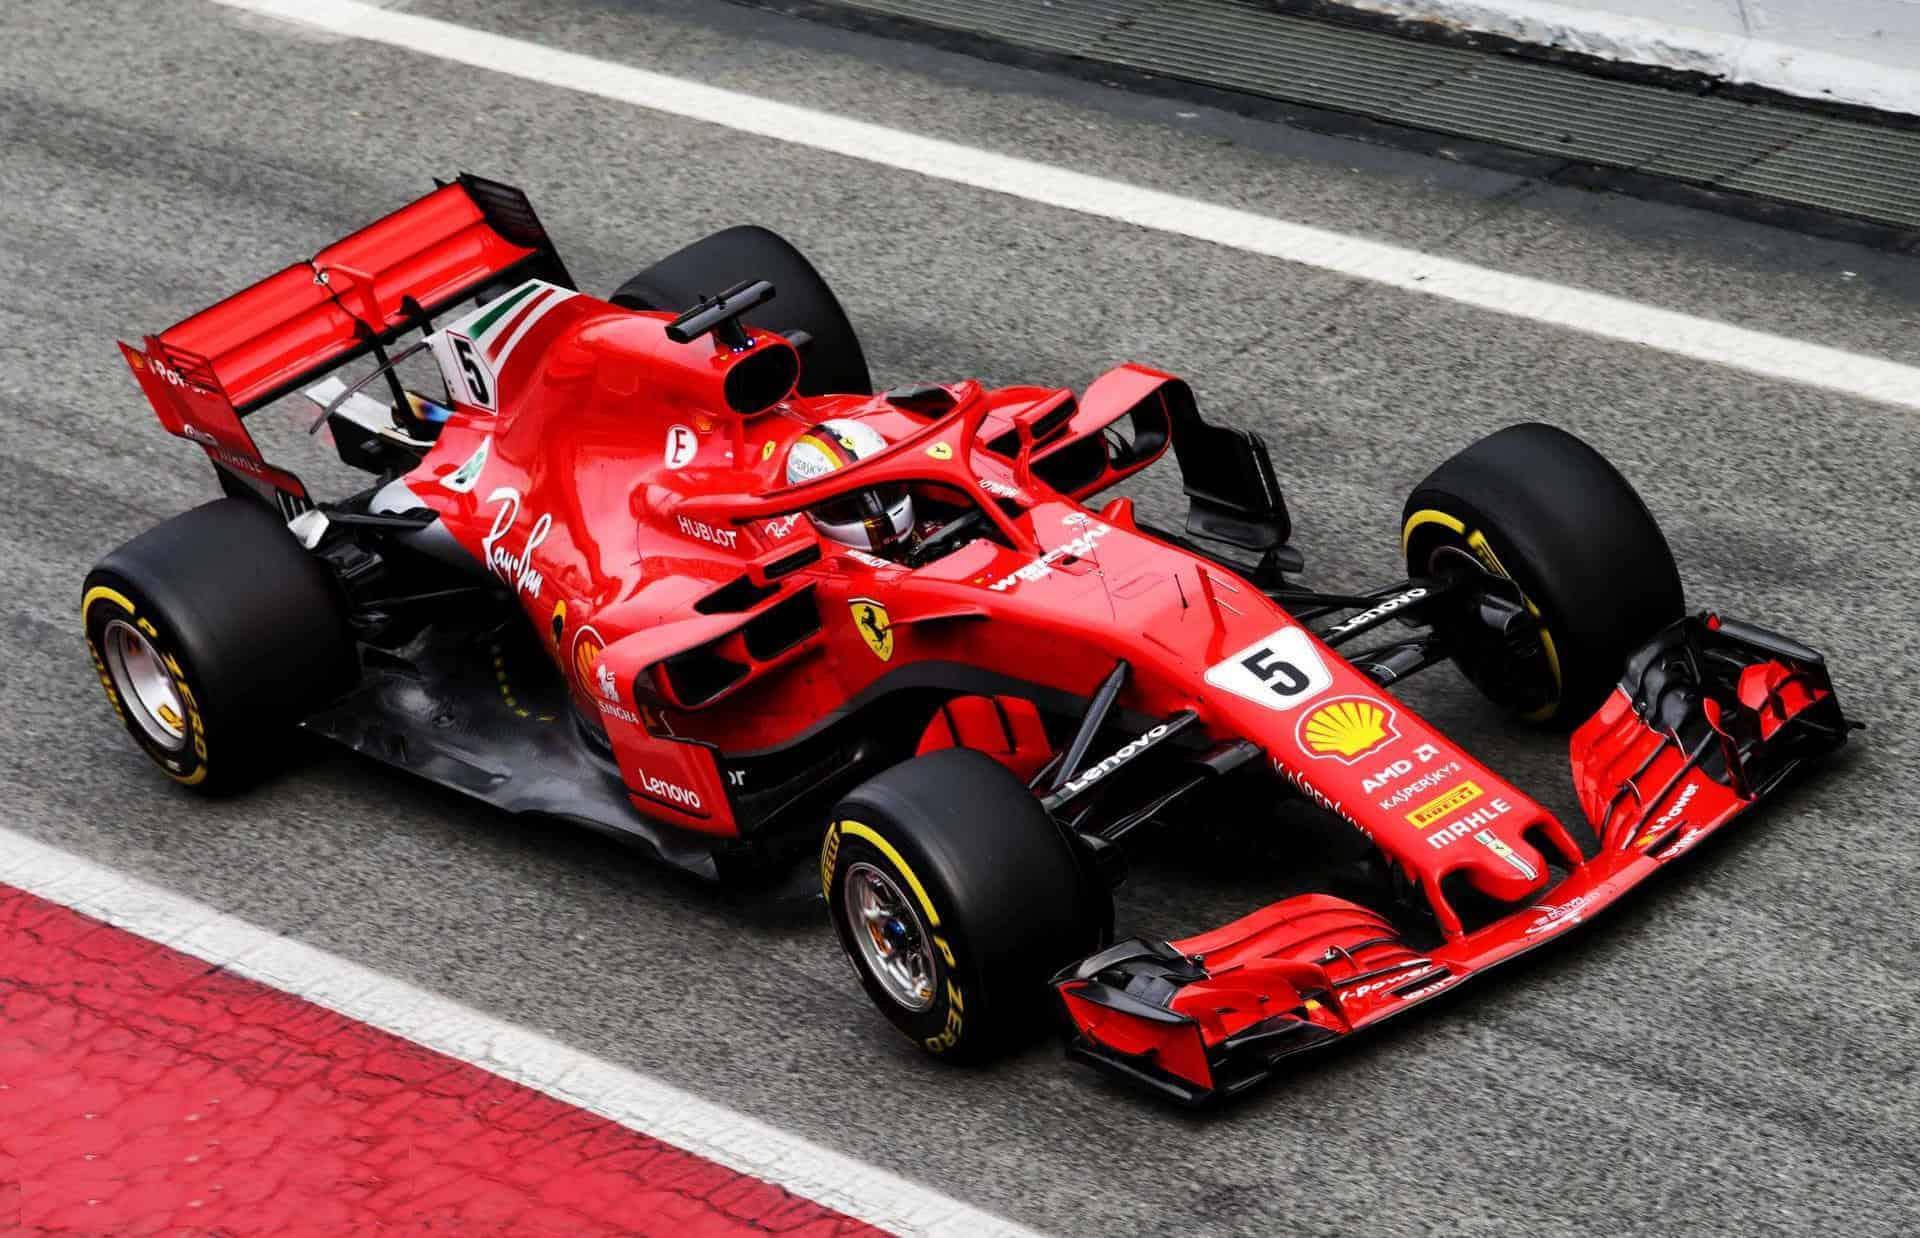 Vettel Ferrari SF71H Barcelona F1 2018 pitlane